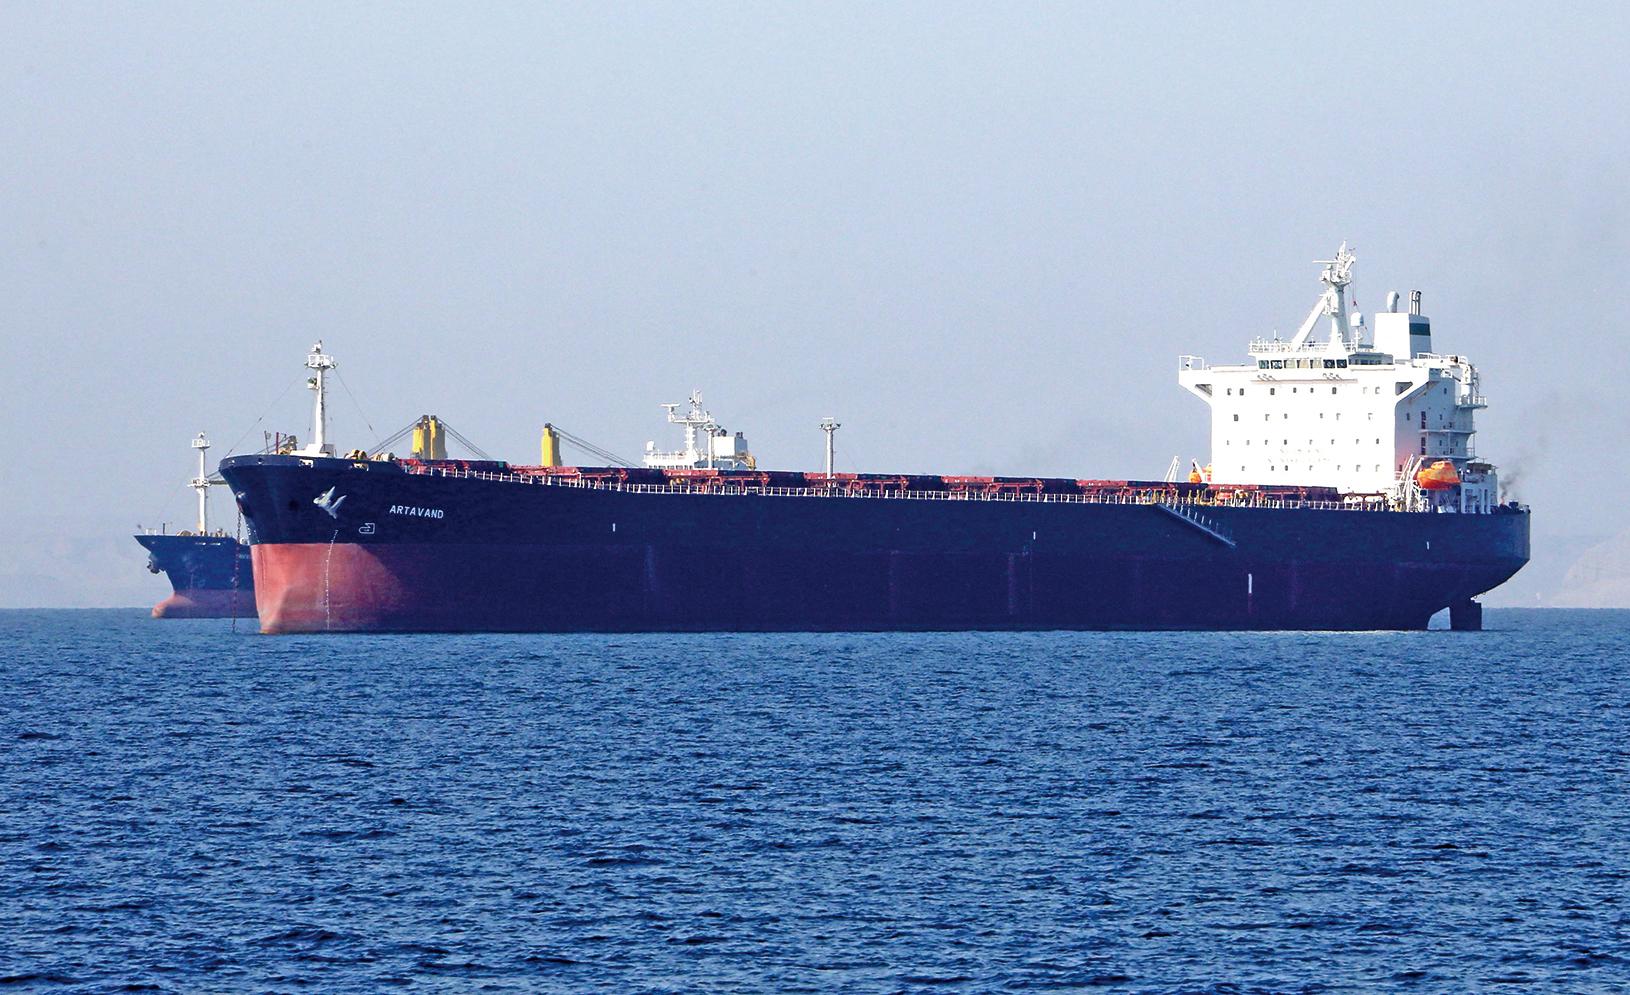 伊朗違反美國制裁令,將燃油偷運往中國。(AFP)